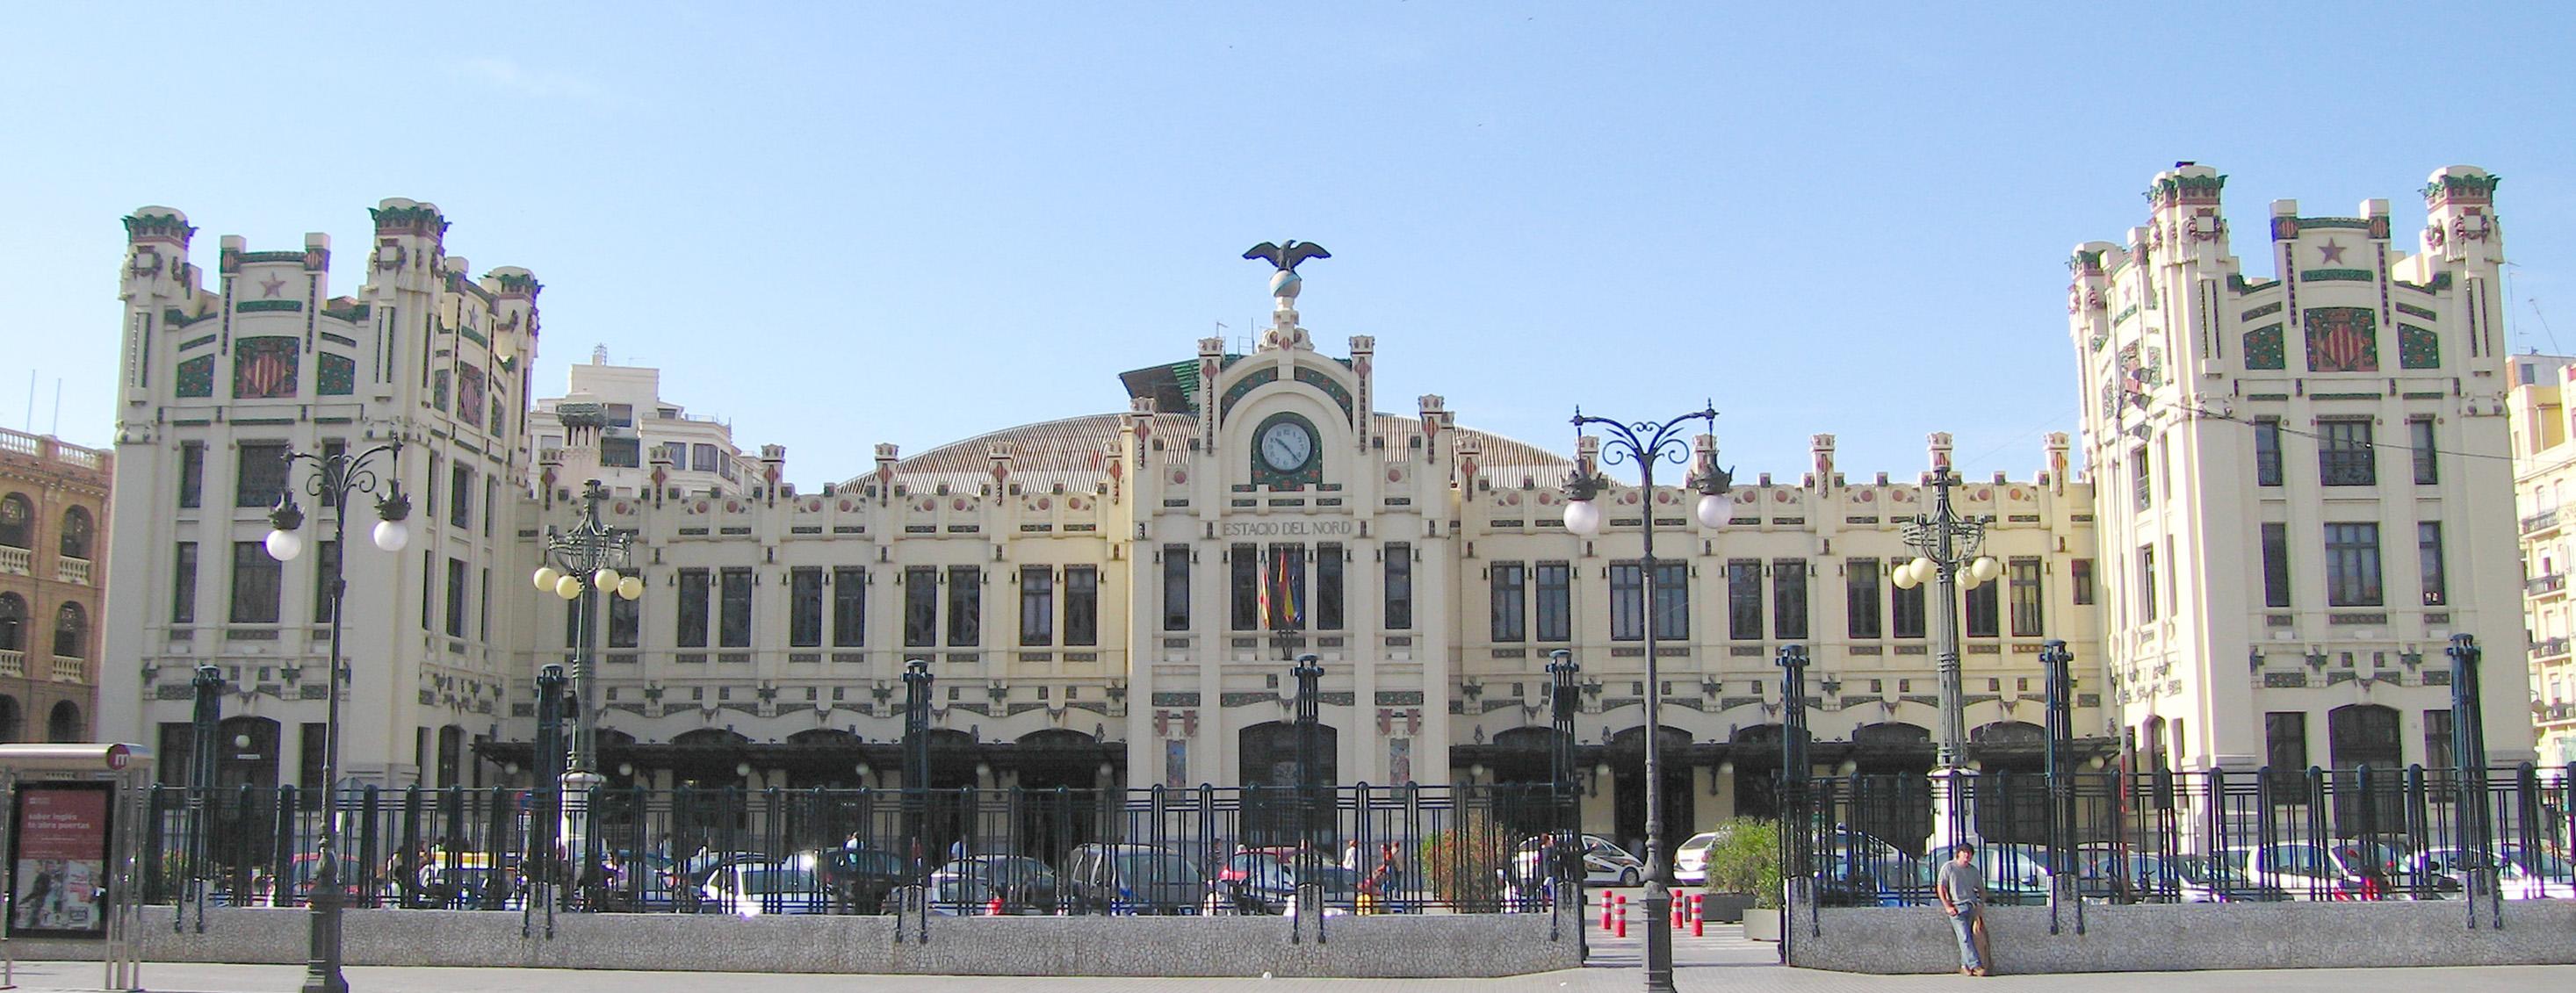 Inspección Periódica Ascensores Estación del Norte de Valencia